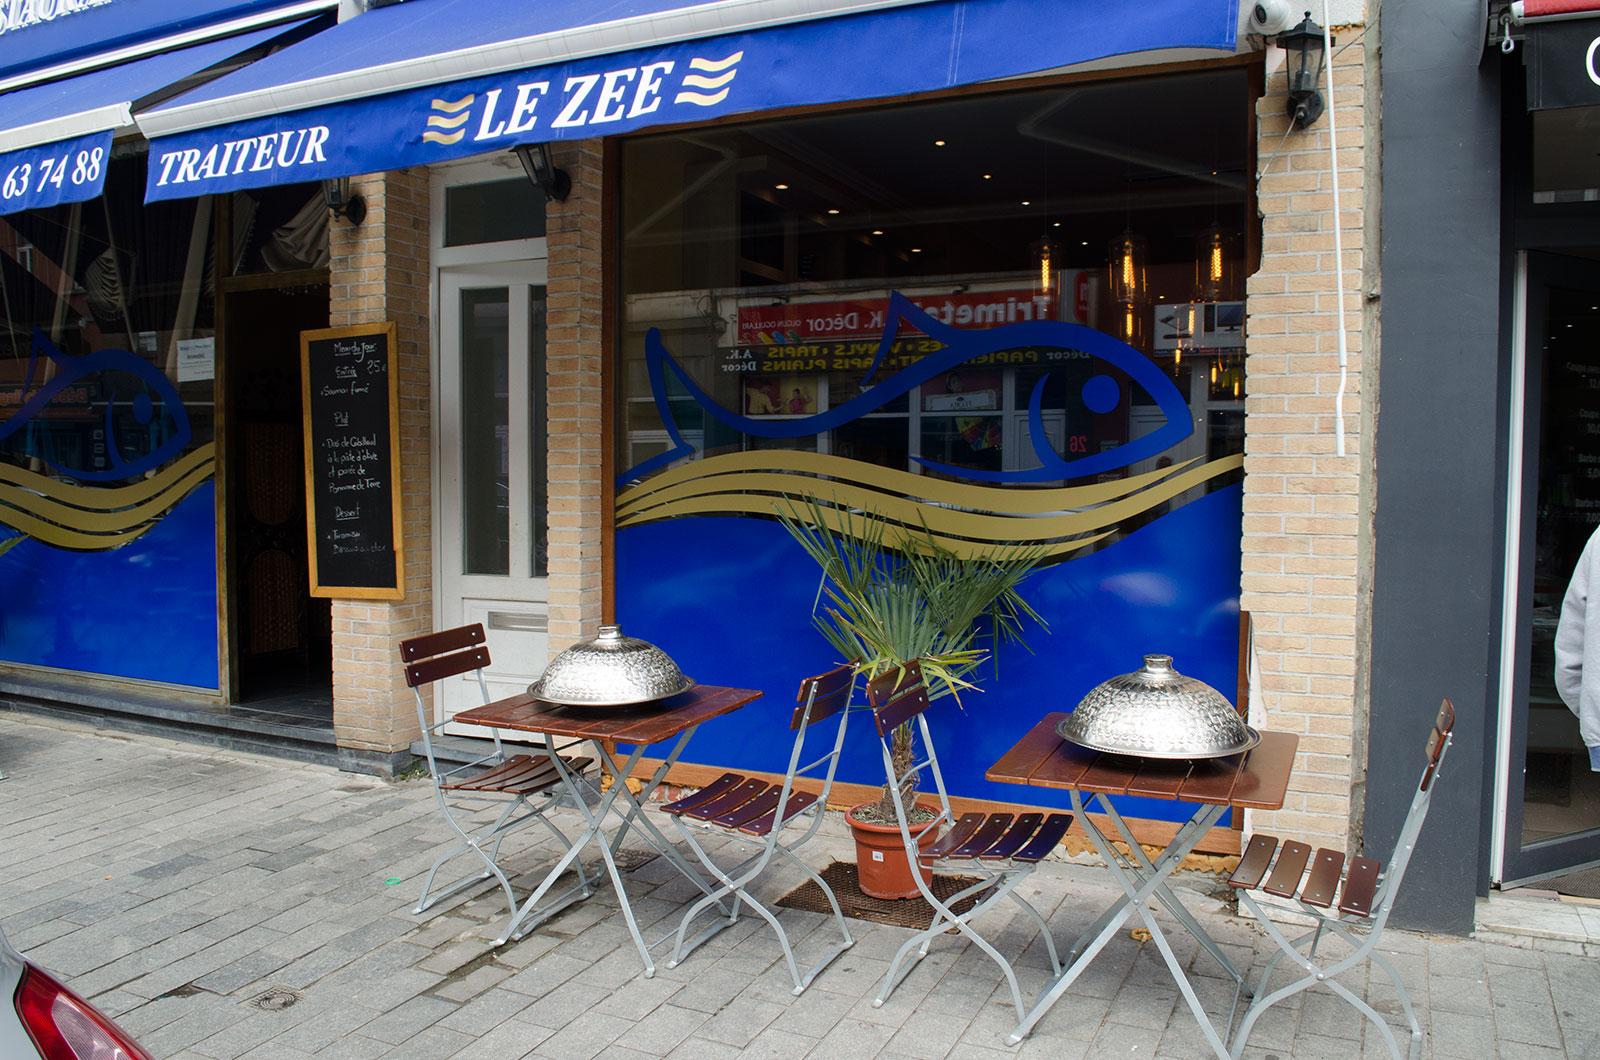 traiteur-img-3 - Livraison de poissons • Poissonnerie • Restaurant • Traiteur à Anderlecht